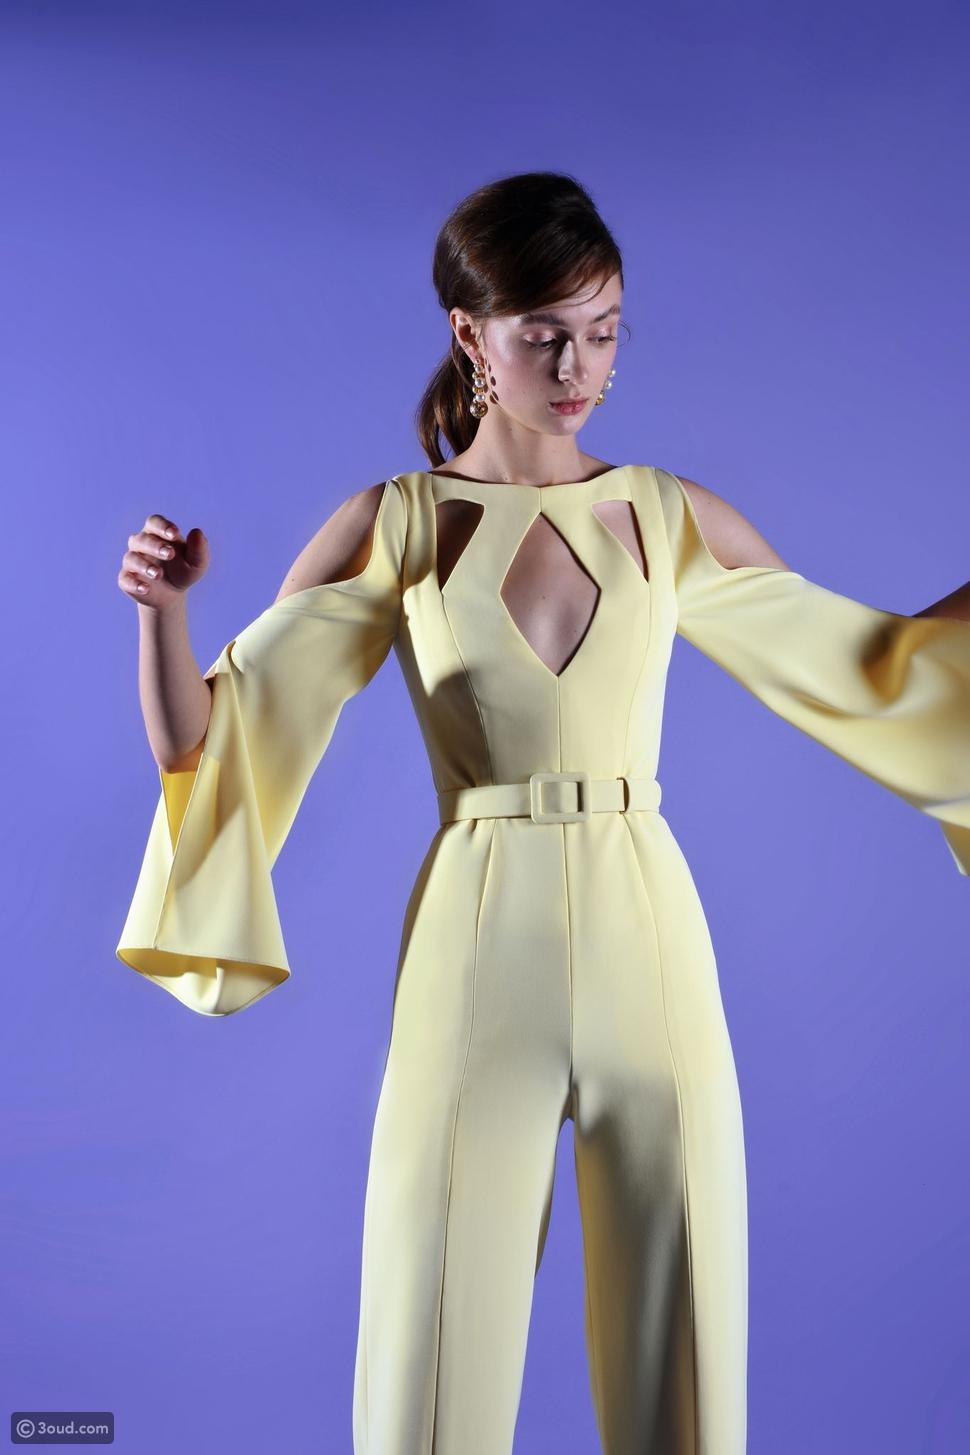 AZZI & OSTA تطلق تشكيلة هوليداي من الملابس الجاهزة لربيع وصيف 2021